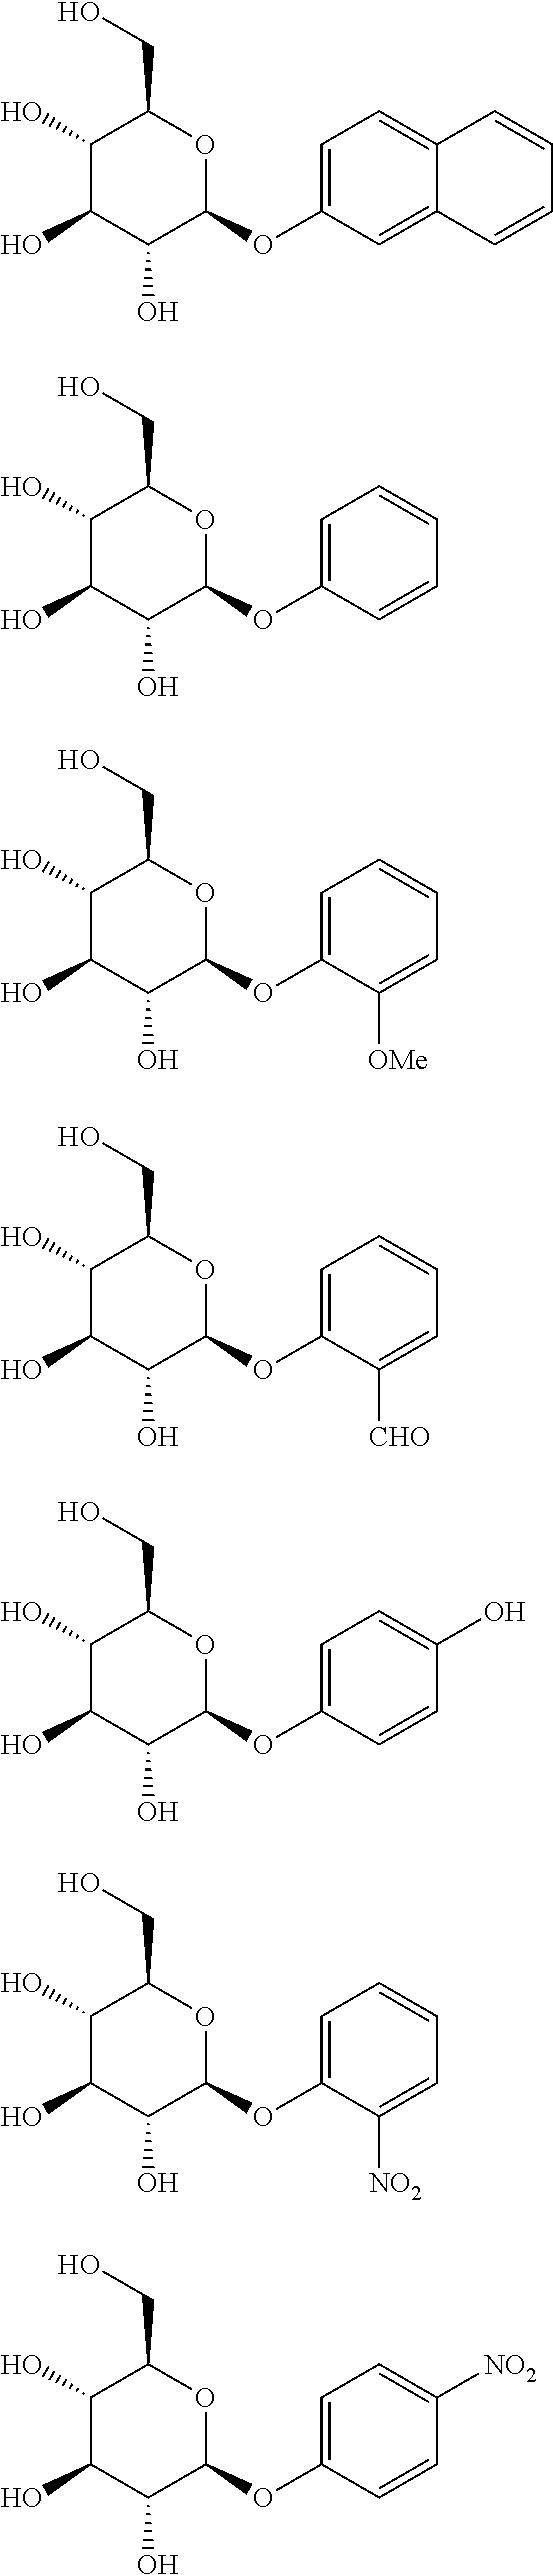 Figure US09962344-20180508-C00117